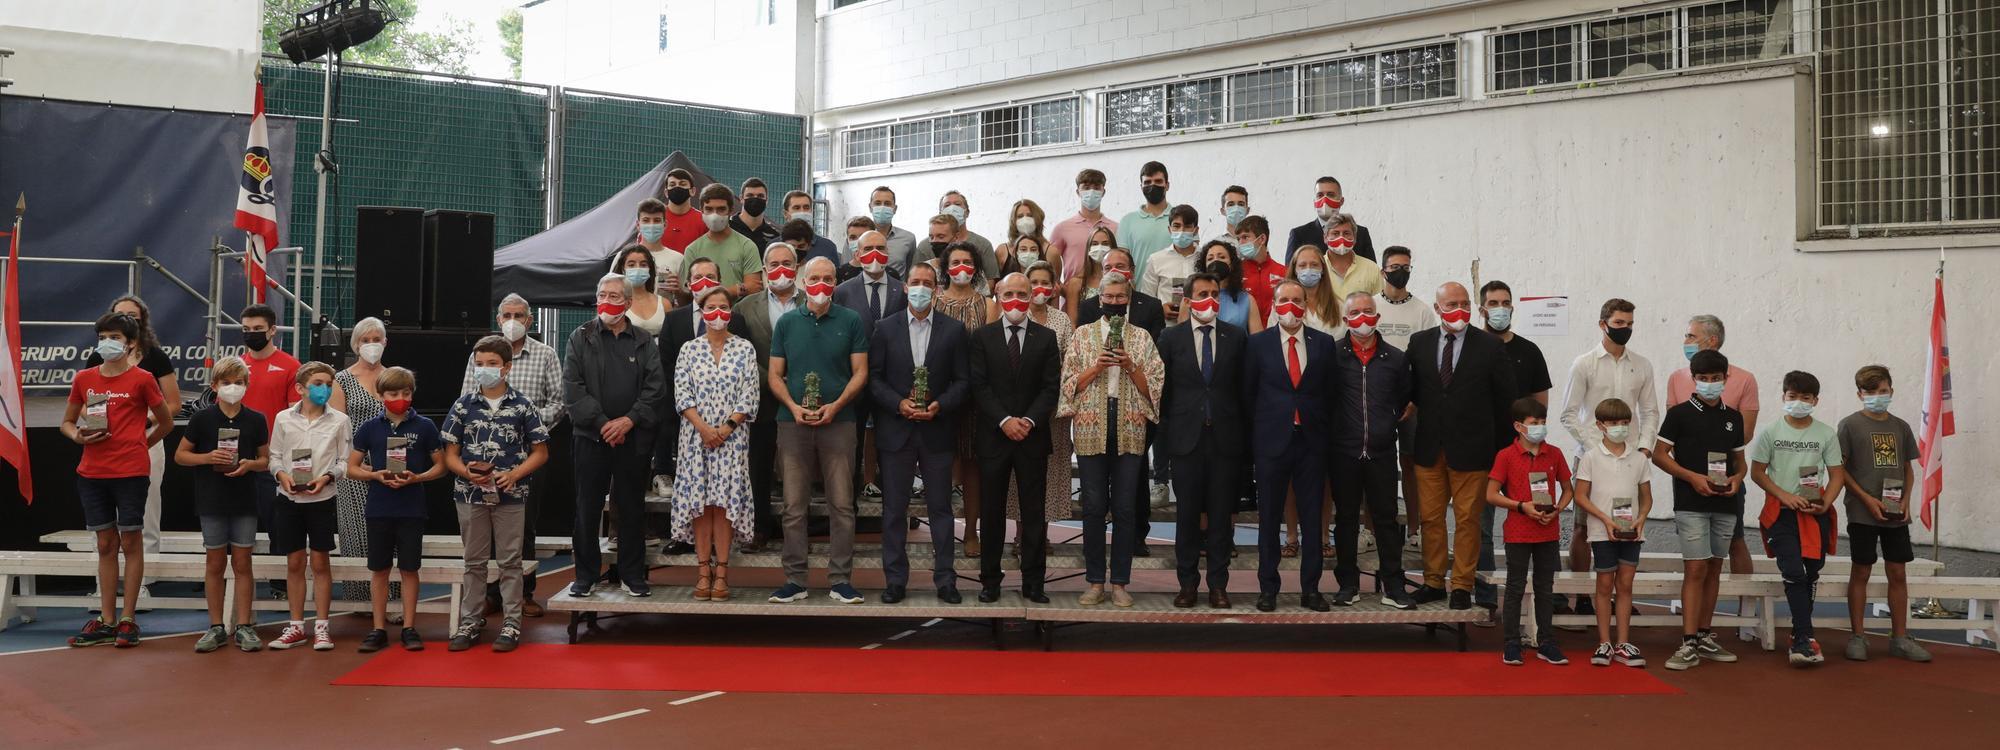 El Grupo Covadonga entrega sus distinciones como colofón a sus fiestas